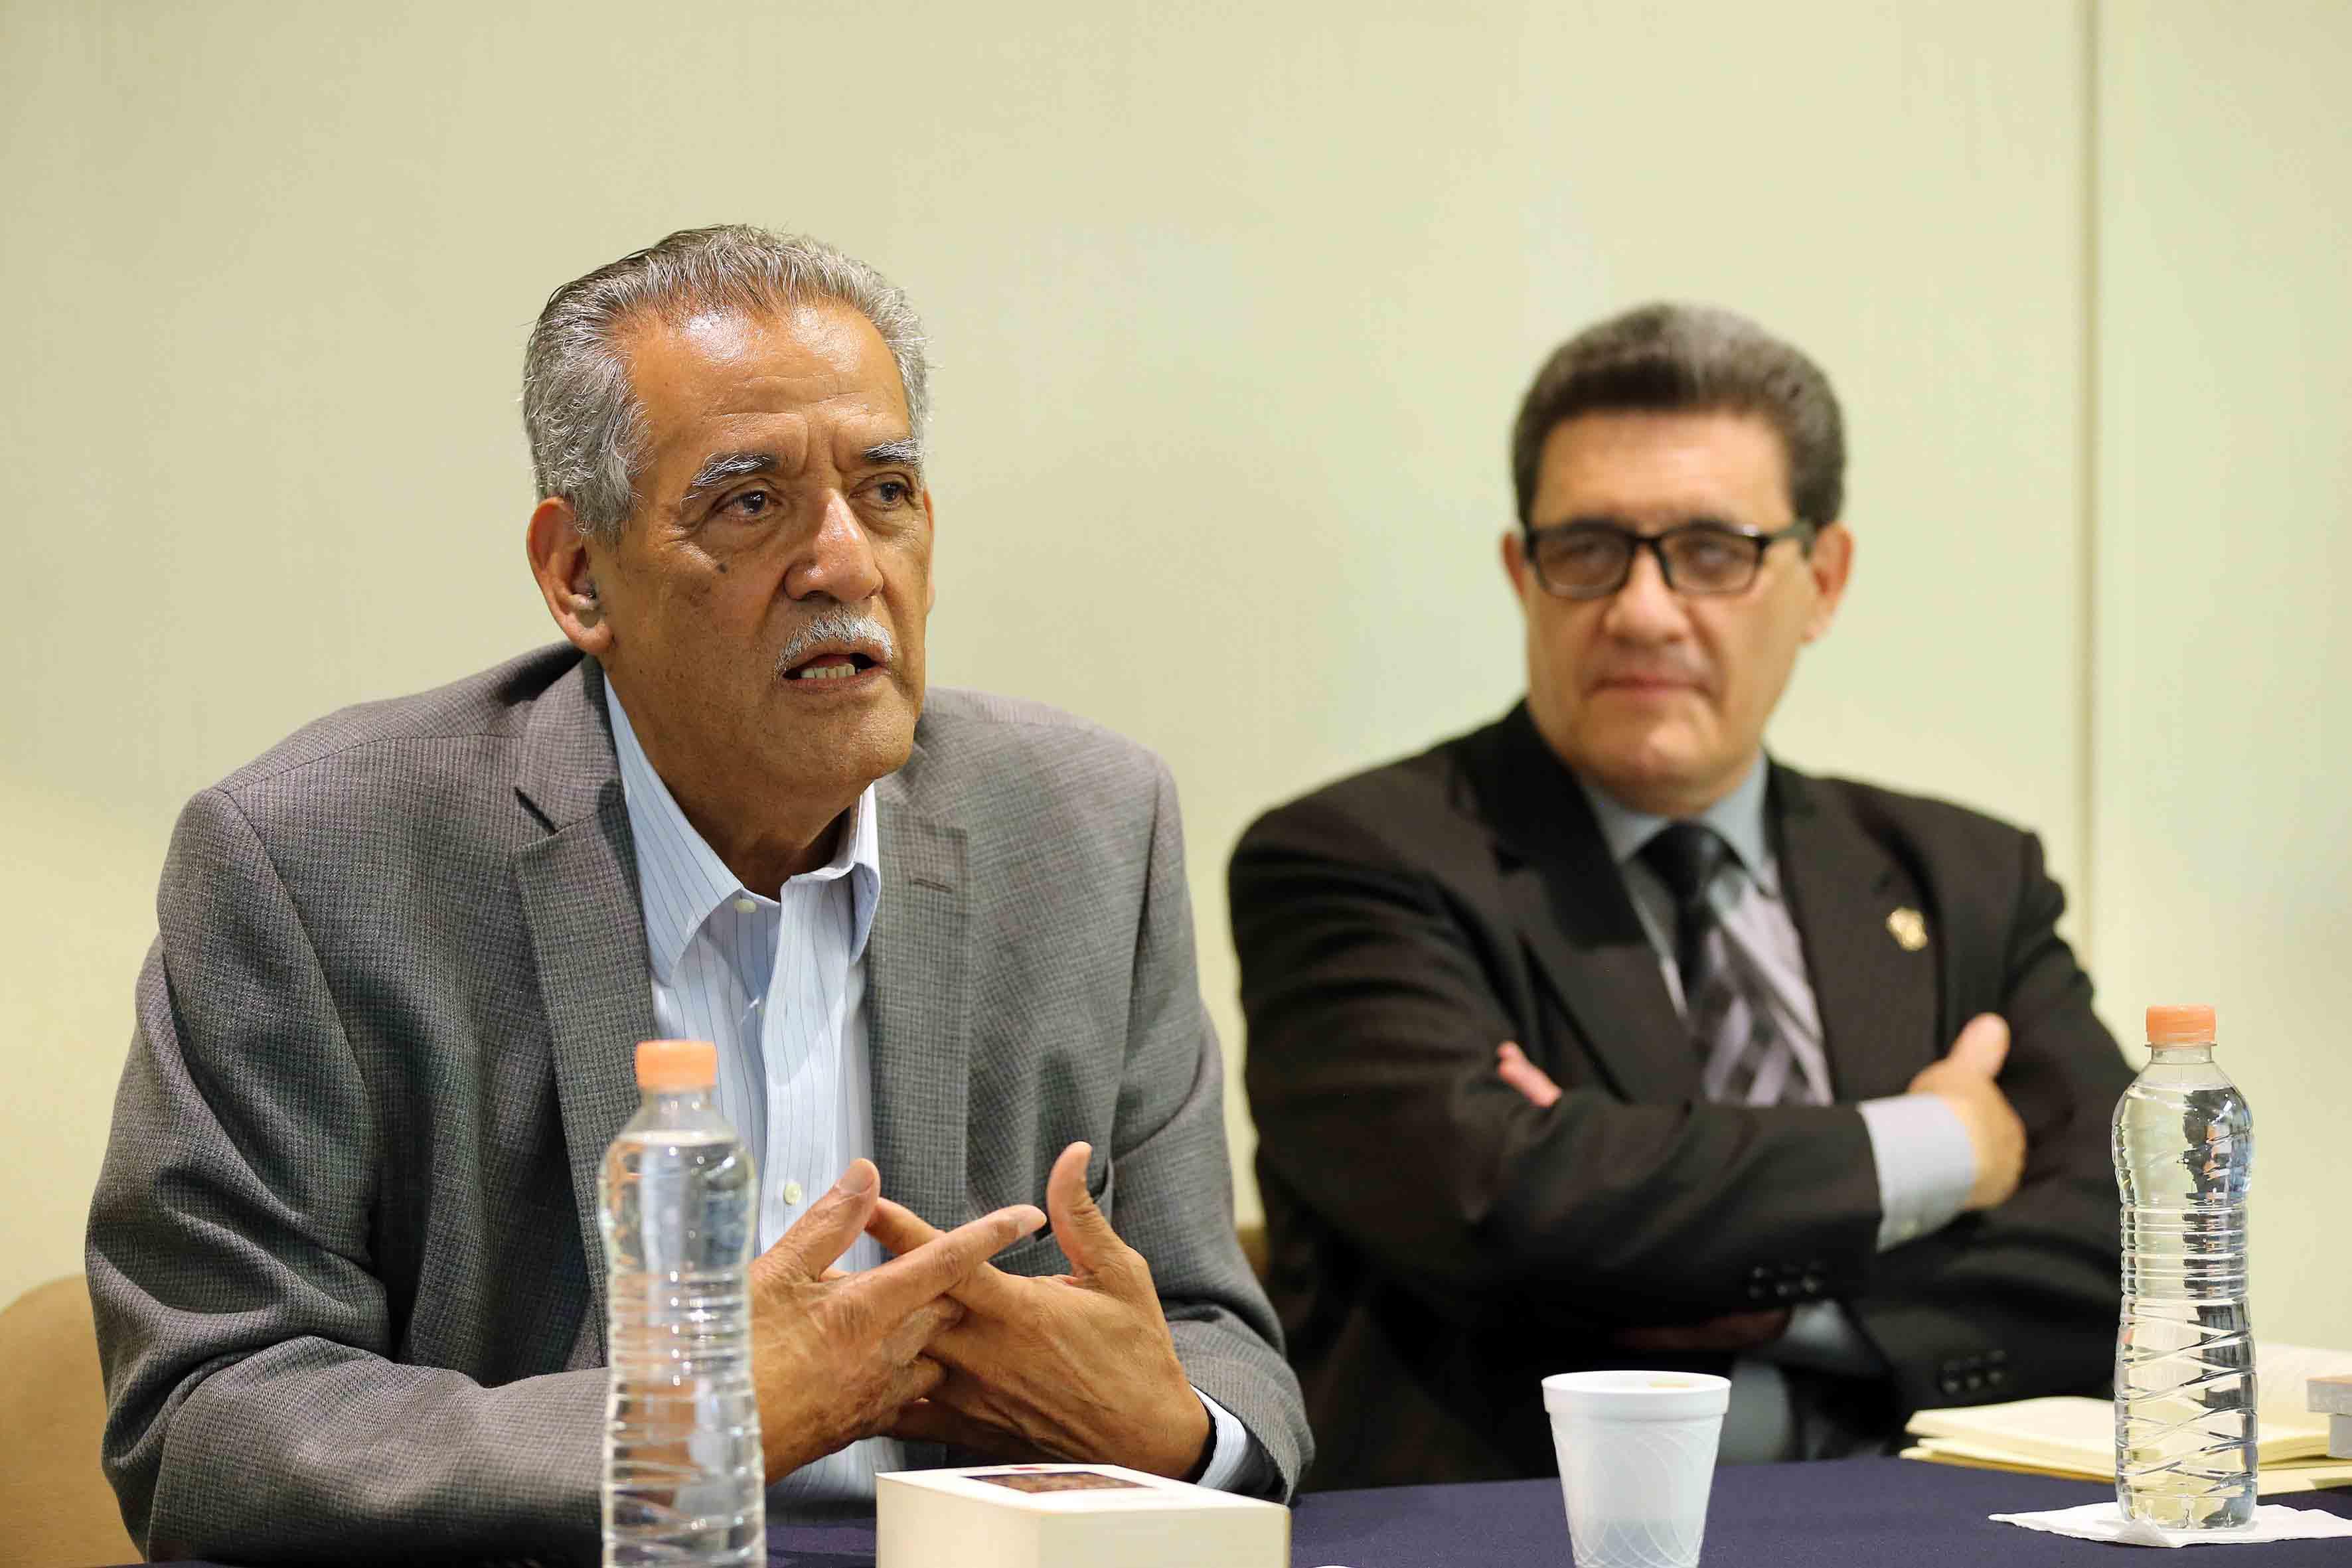 Mtro Manuel Moreno Castañeda, profesor del Departamento de Historia del Centro Universitario de Ciencias Sociales y Humanidades (CUCSH), haciendo uso de la palabra